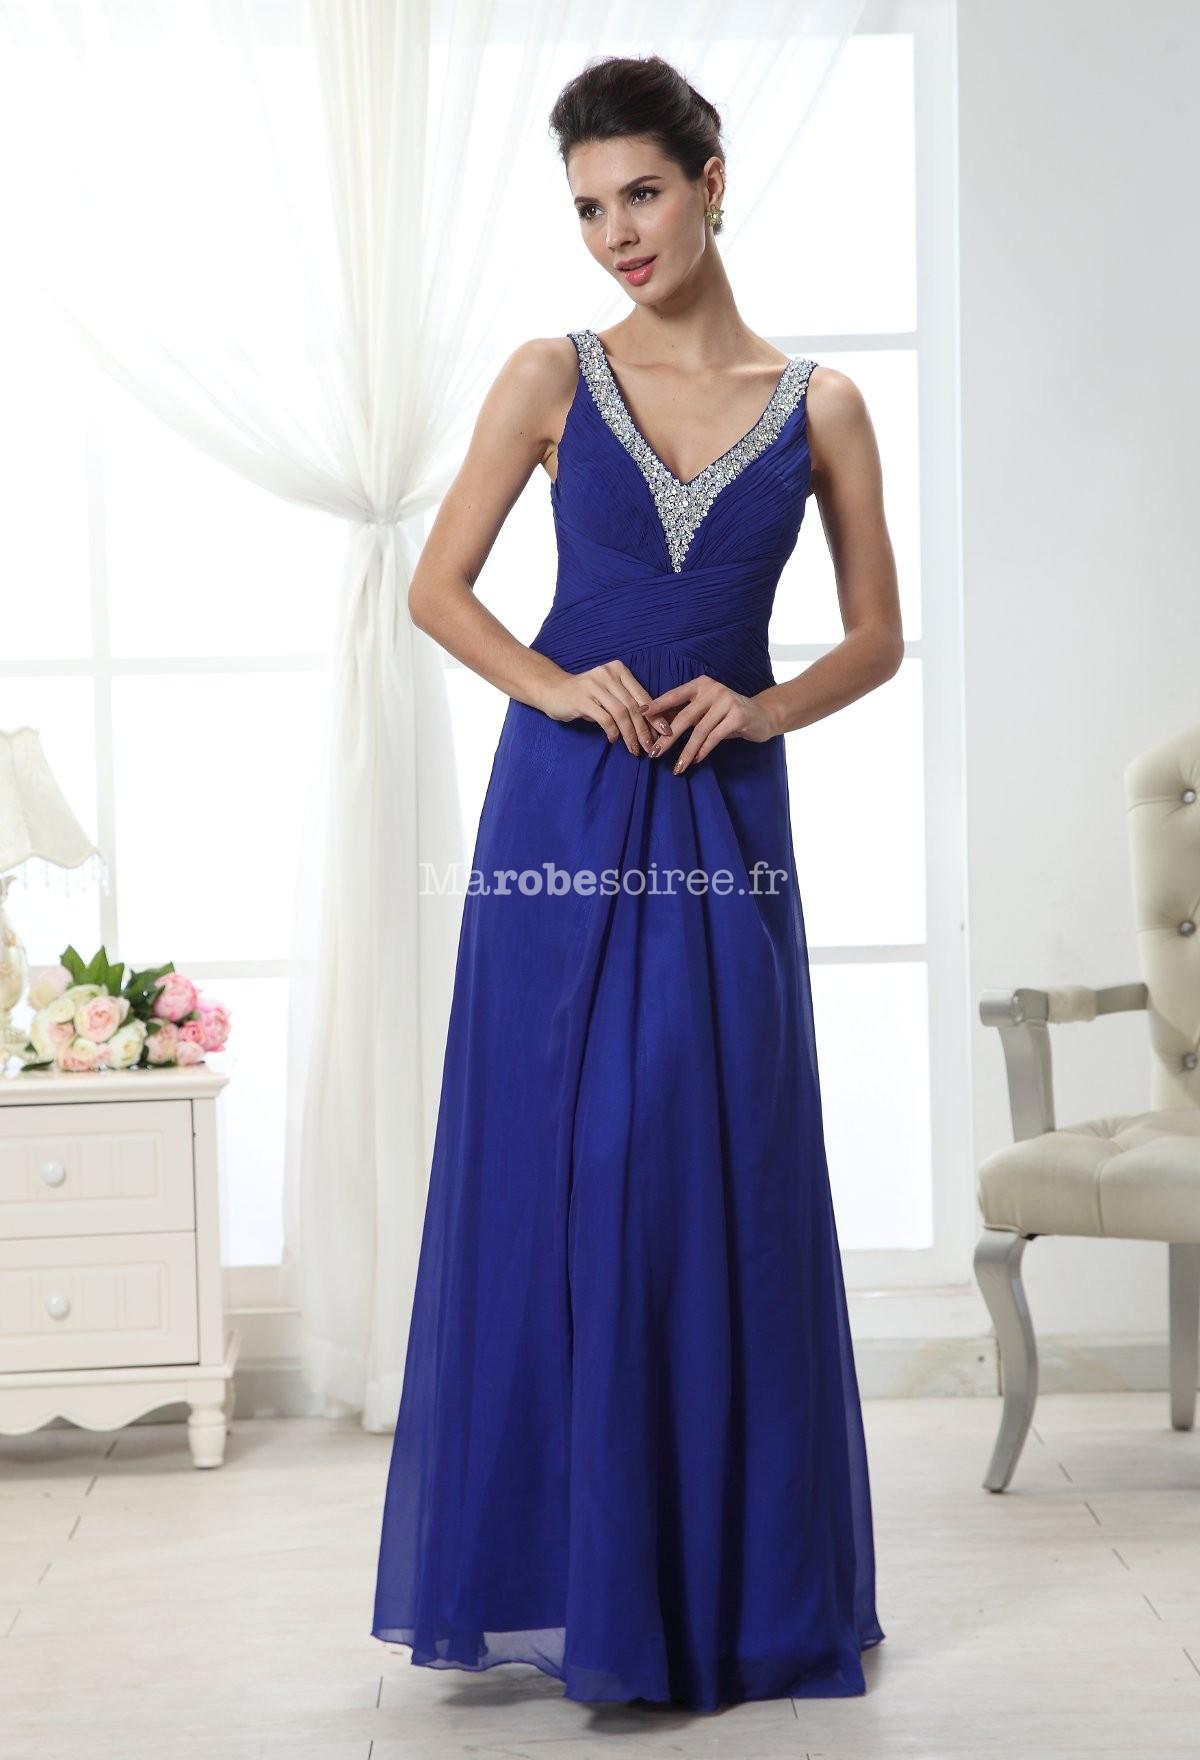 robe soir e mousseline bleu bretelles et d collet sequins. Black Bedroom Furniture Sets. Home Design Ideas